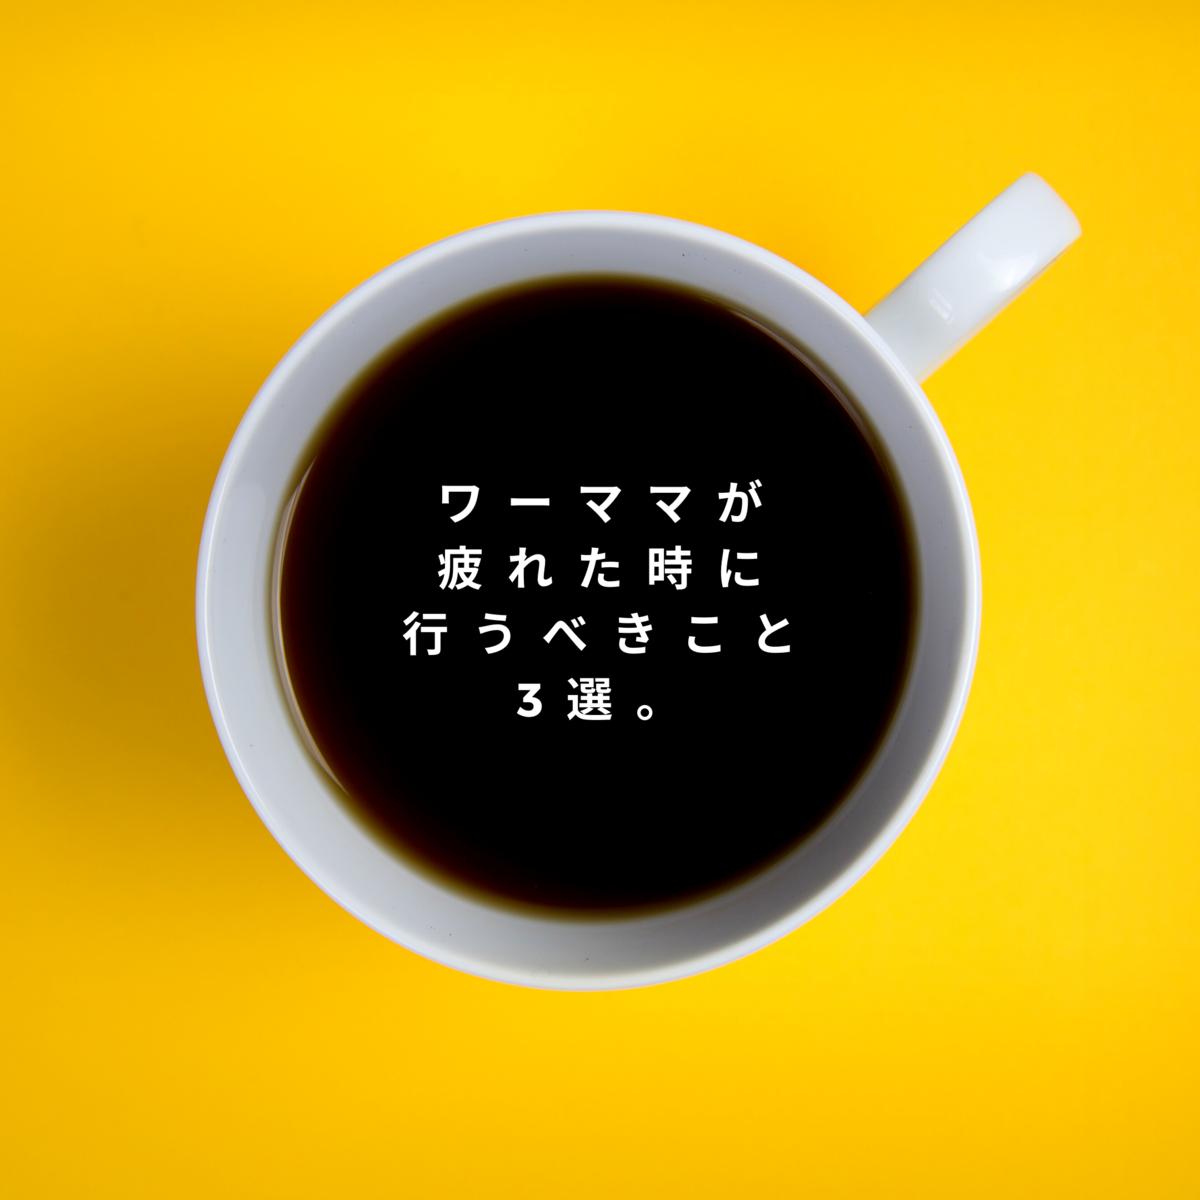 f:id:RAMUKUSHI:20200402165525p:plain